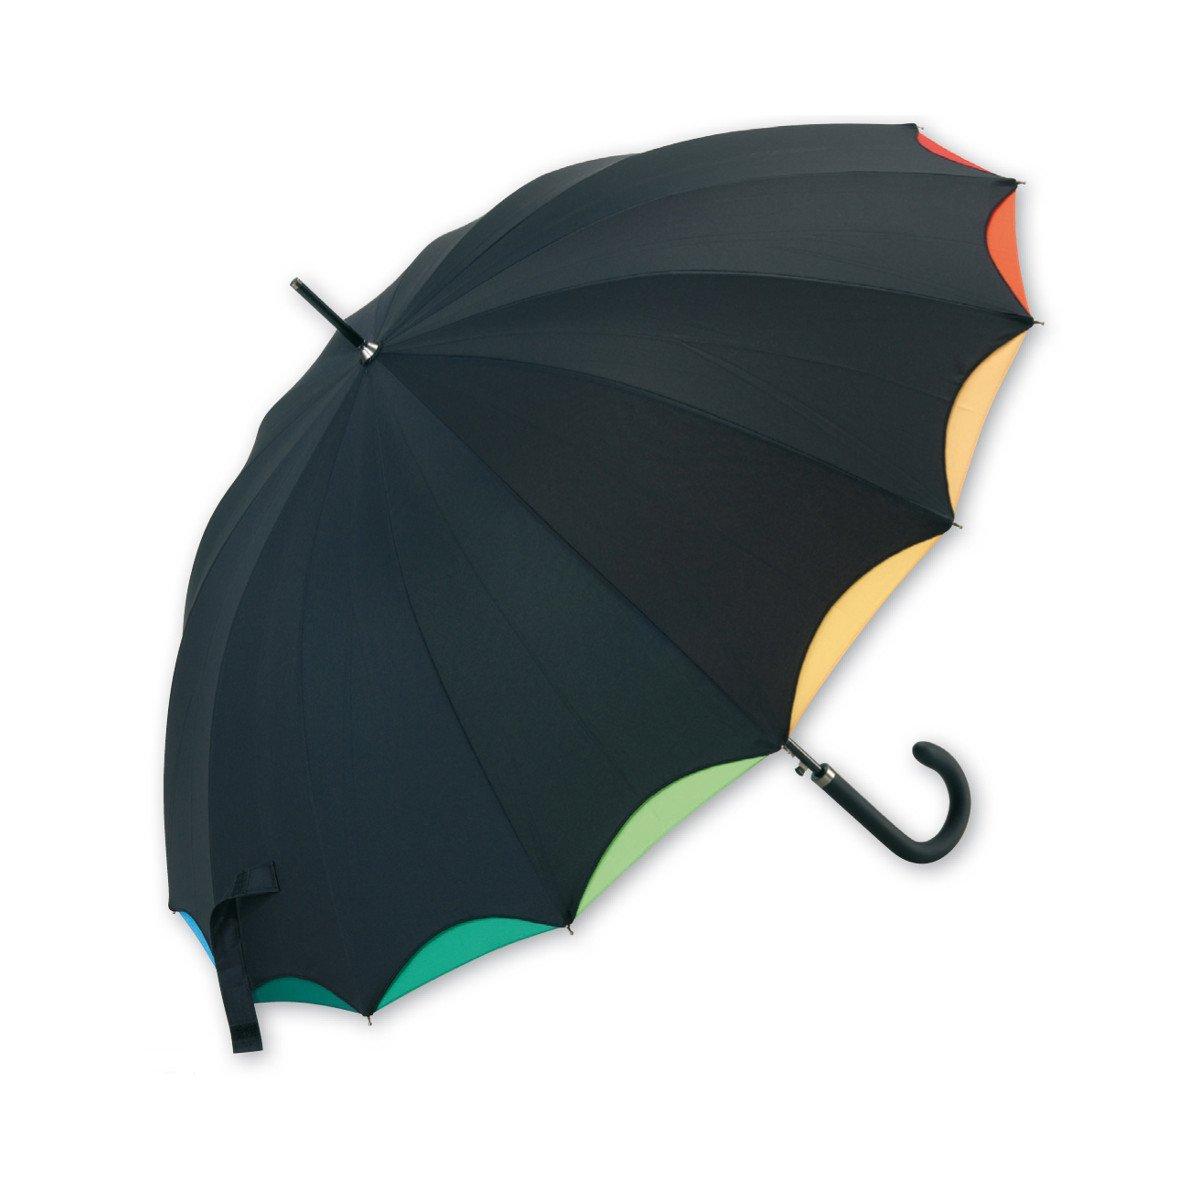 Paraguas doble tela arco iris paraguas cuatro gotas - Tela de paraguas ...